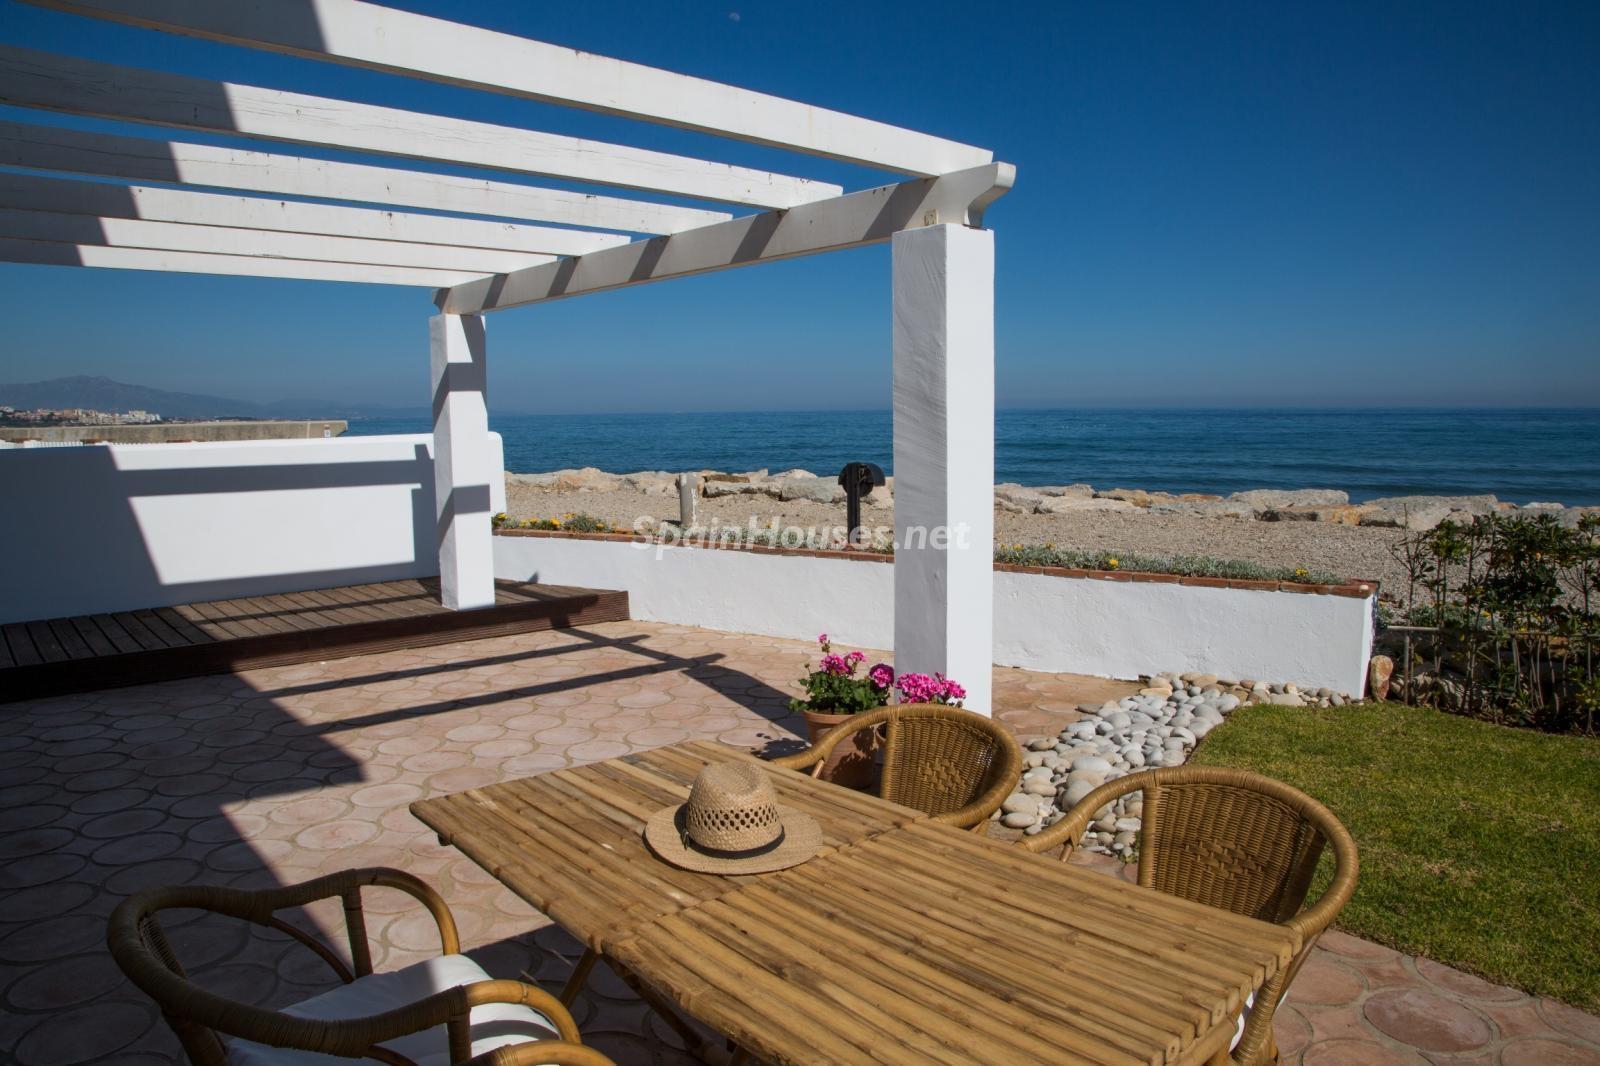 55495 1943993 foto 295266 1 - La villa con la que has estado soñando en Estepona